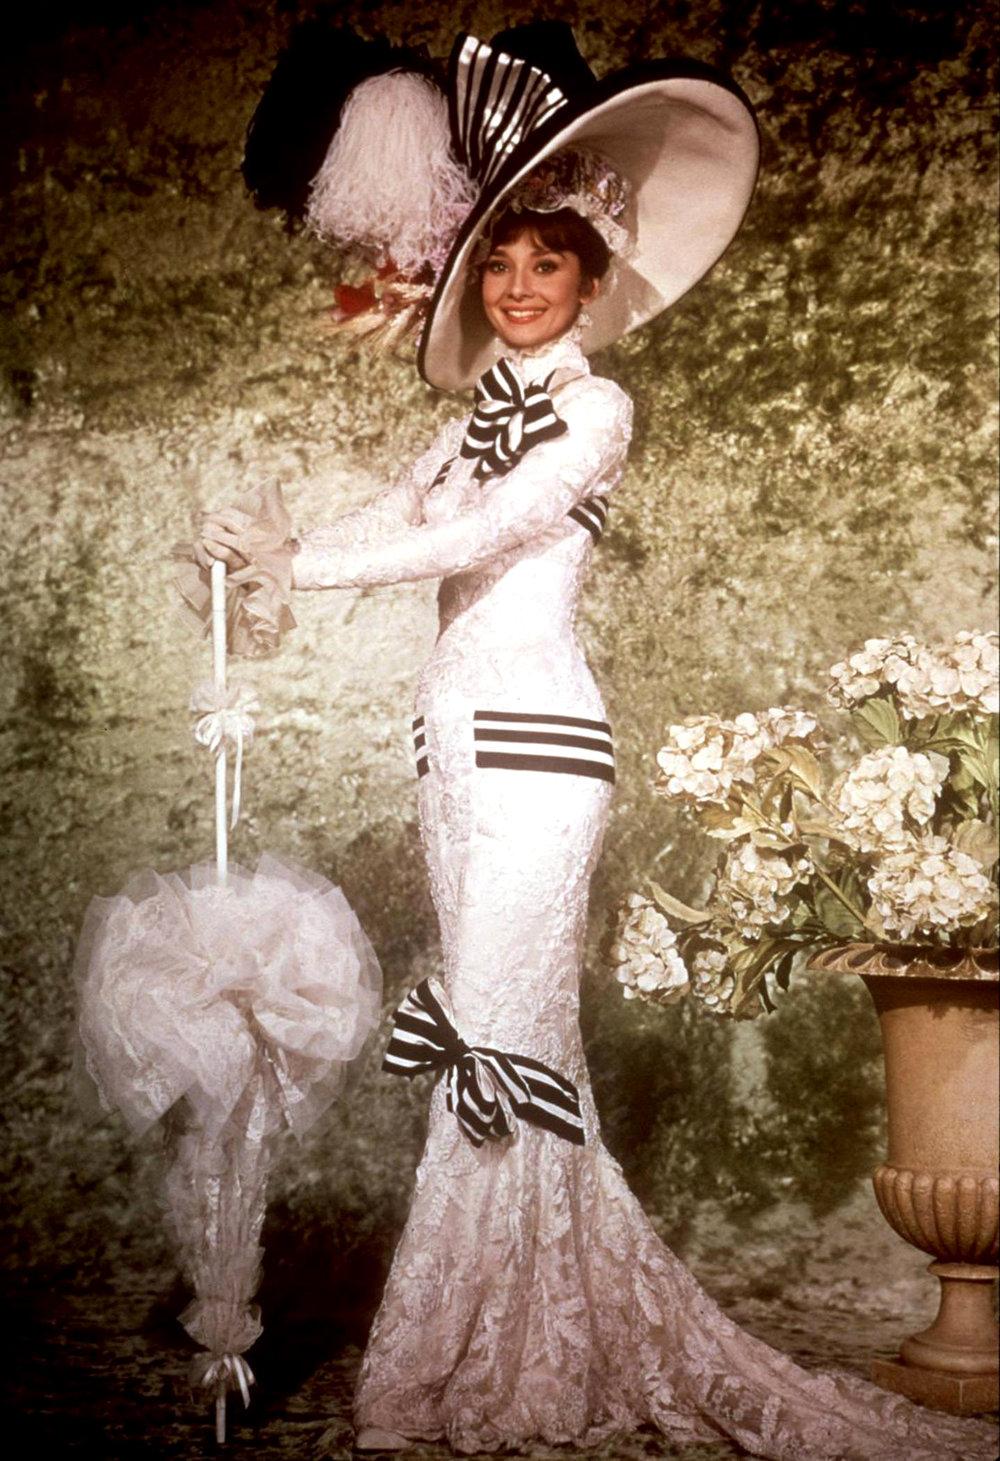 Annex - Hepburn, Audrey (My Fair Lady)_19.jpg